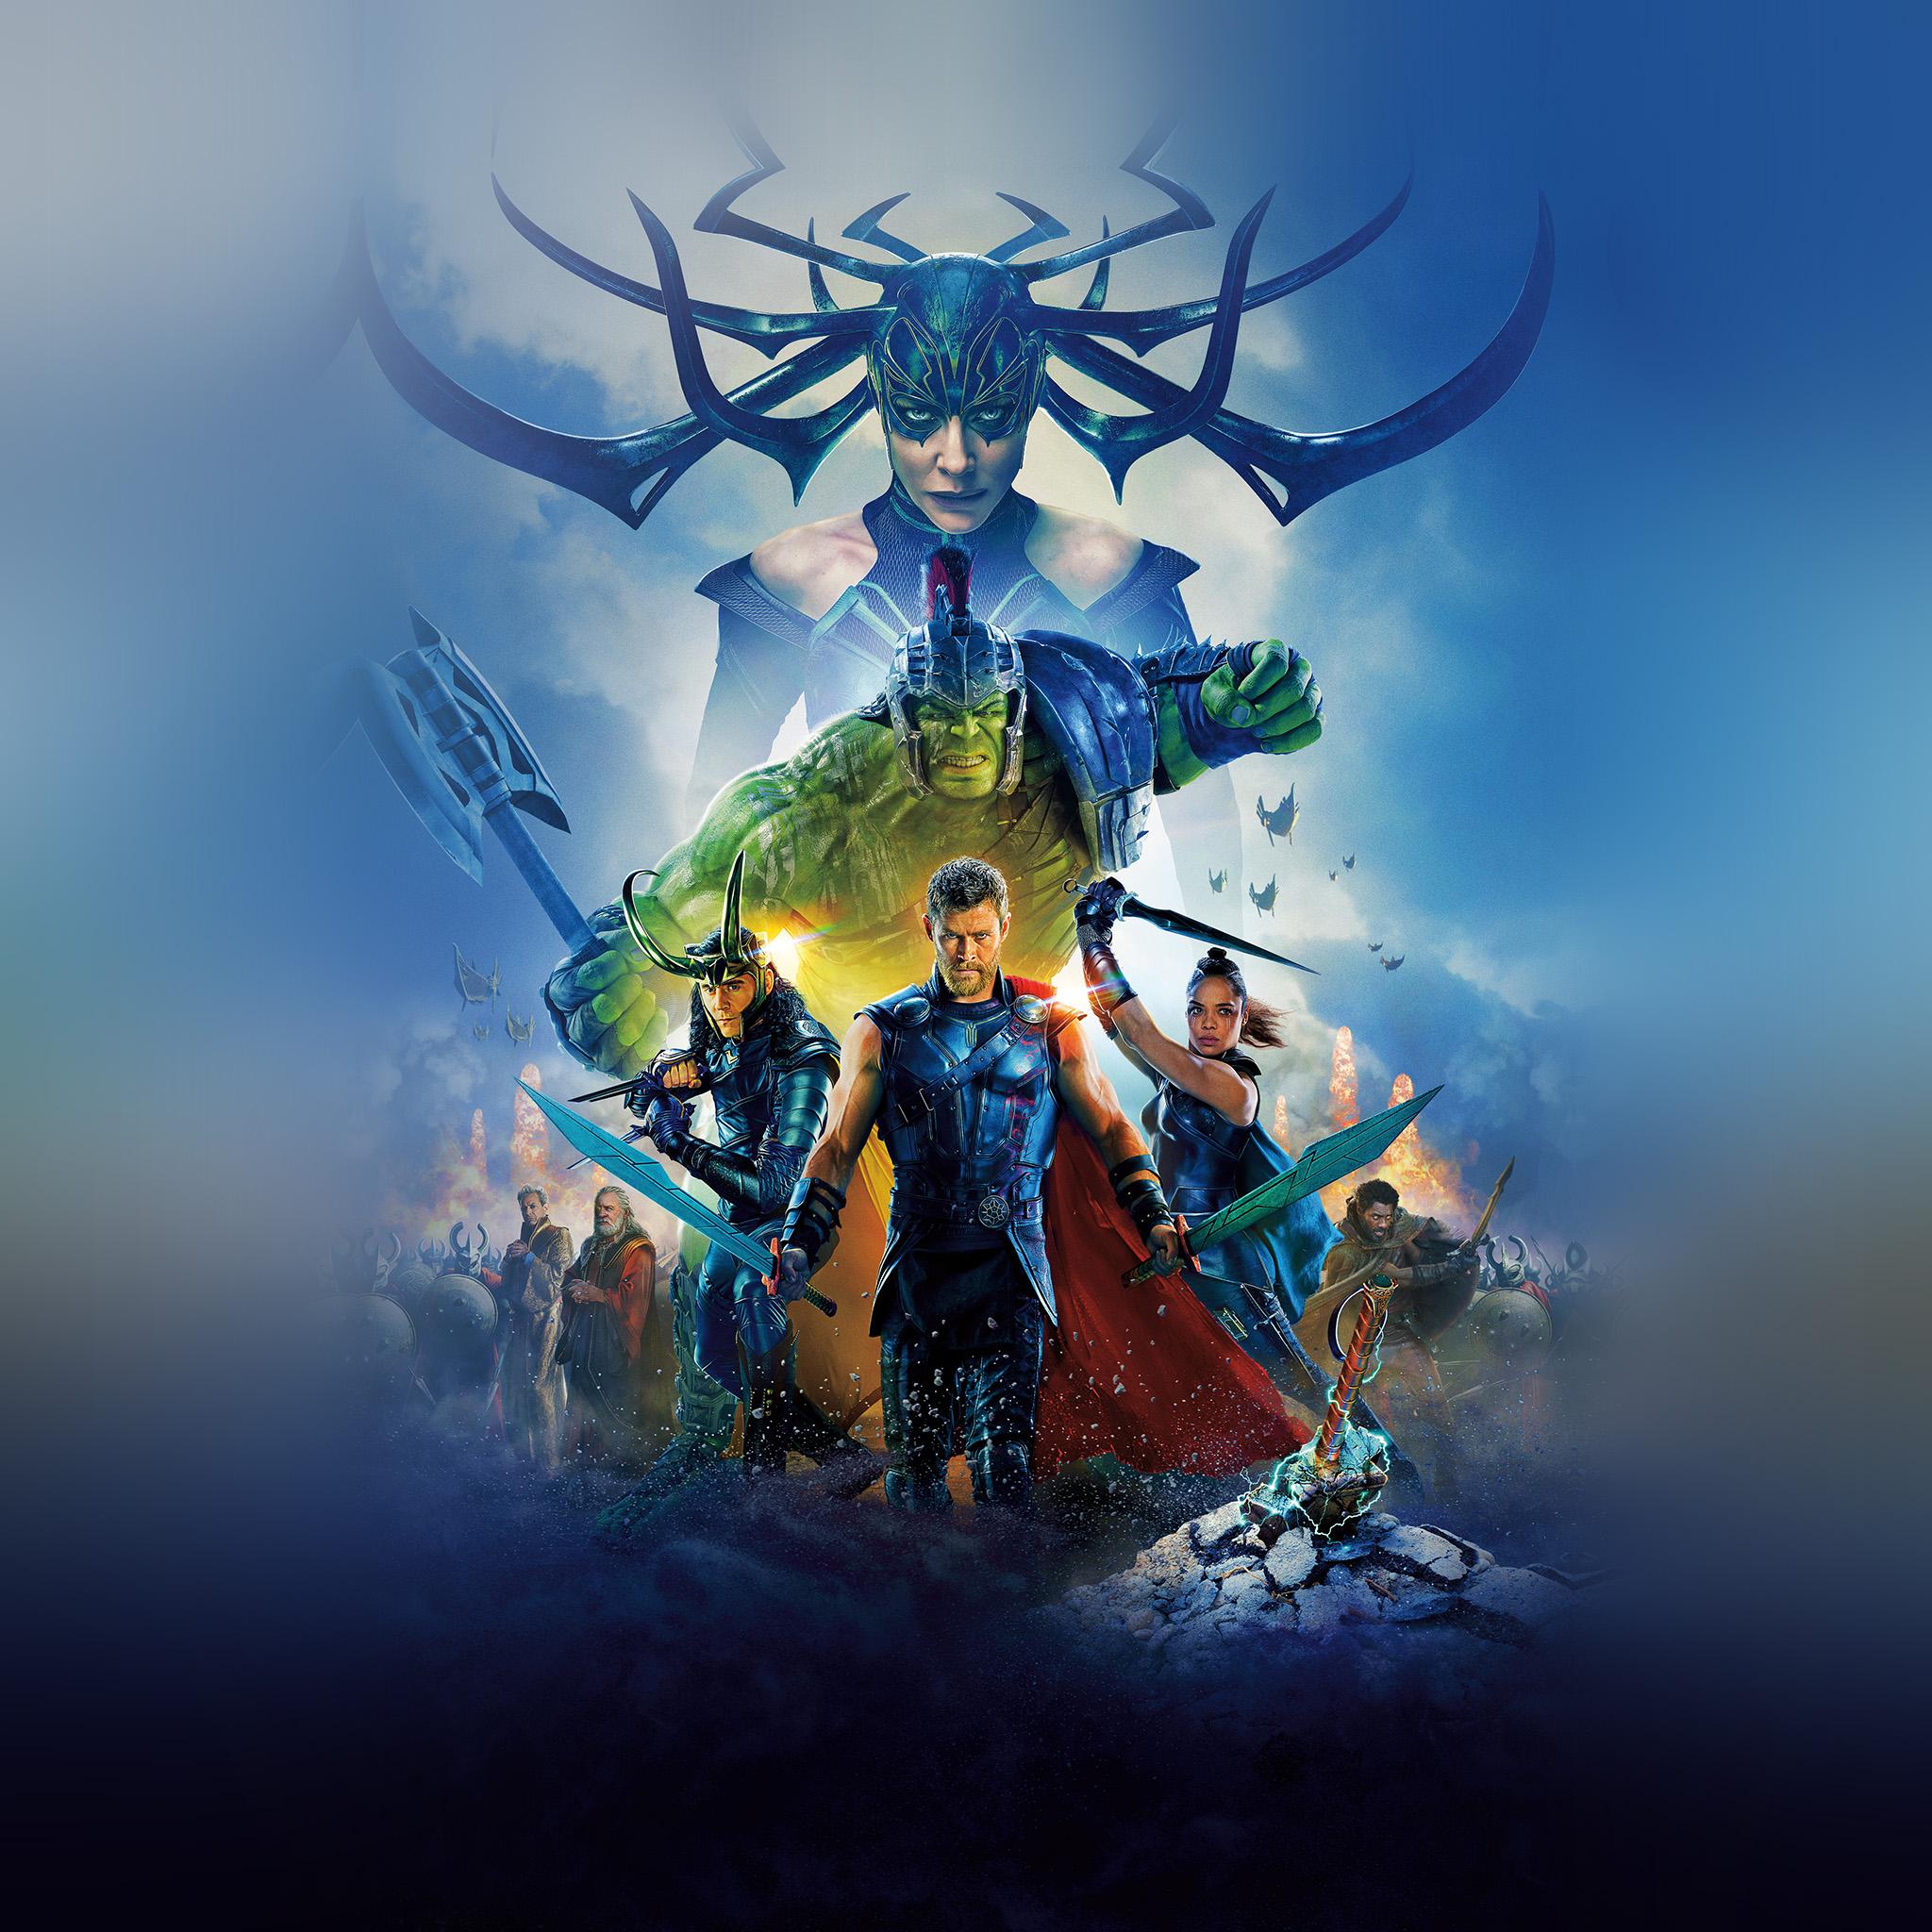 Hd Macbook Air Wallpapers Be50 Thor Ragnarok Film Marvel Art Illustration Wallpaper